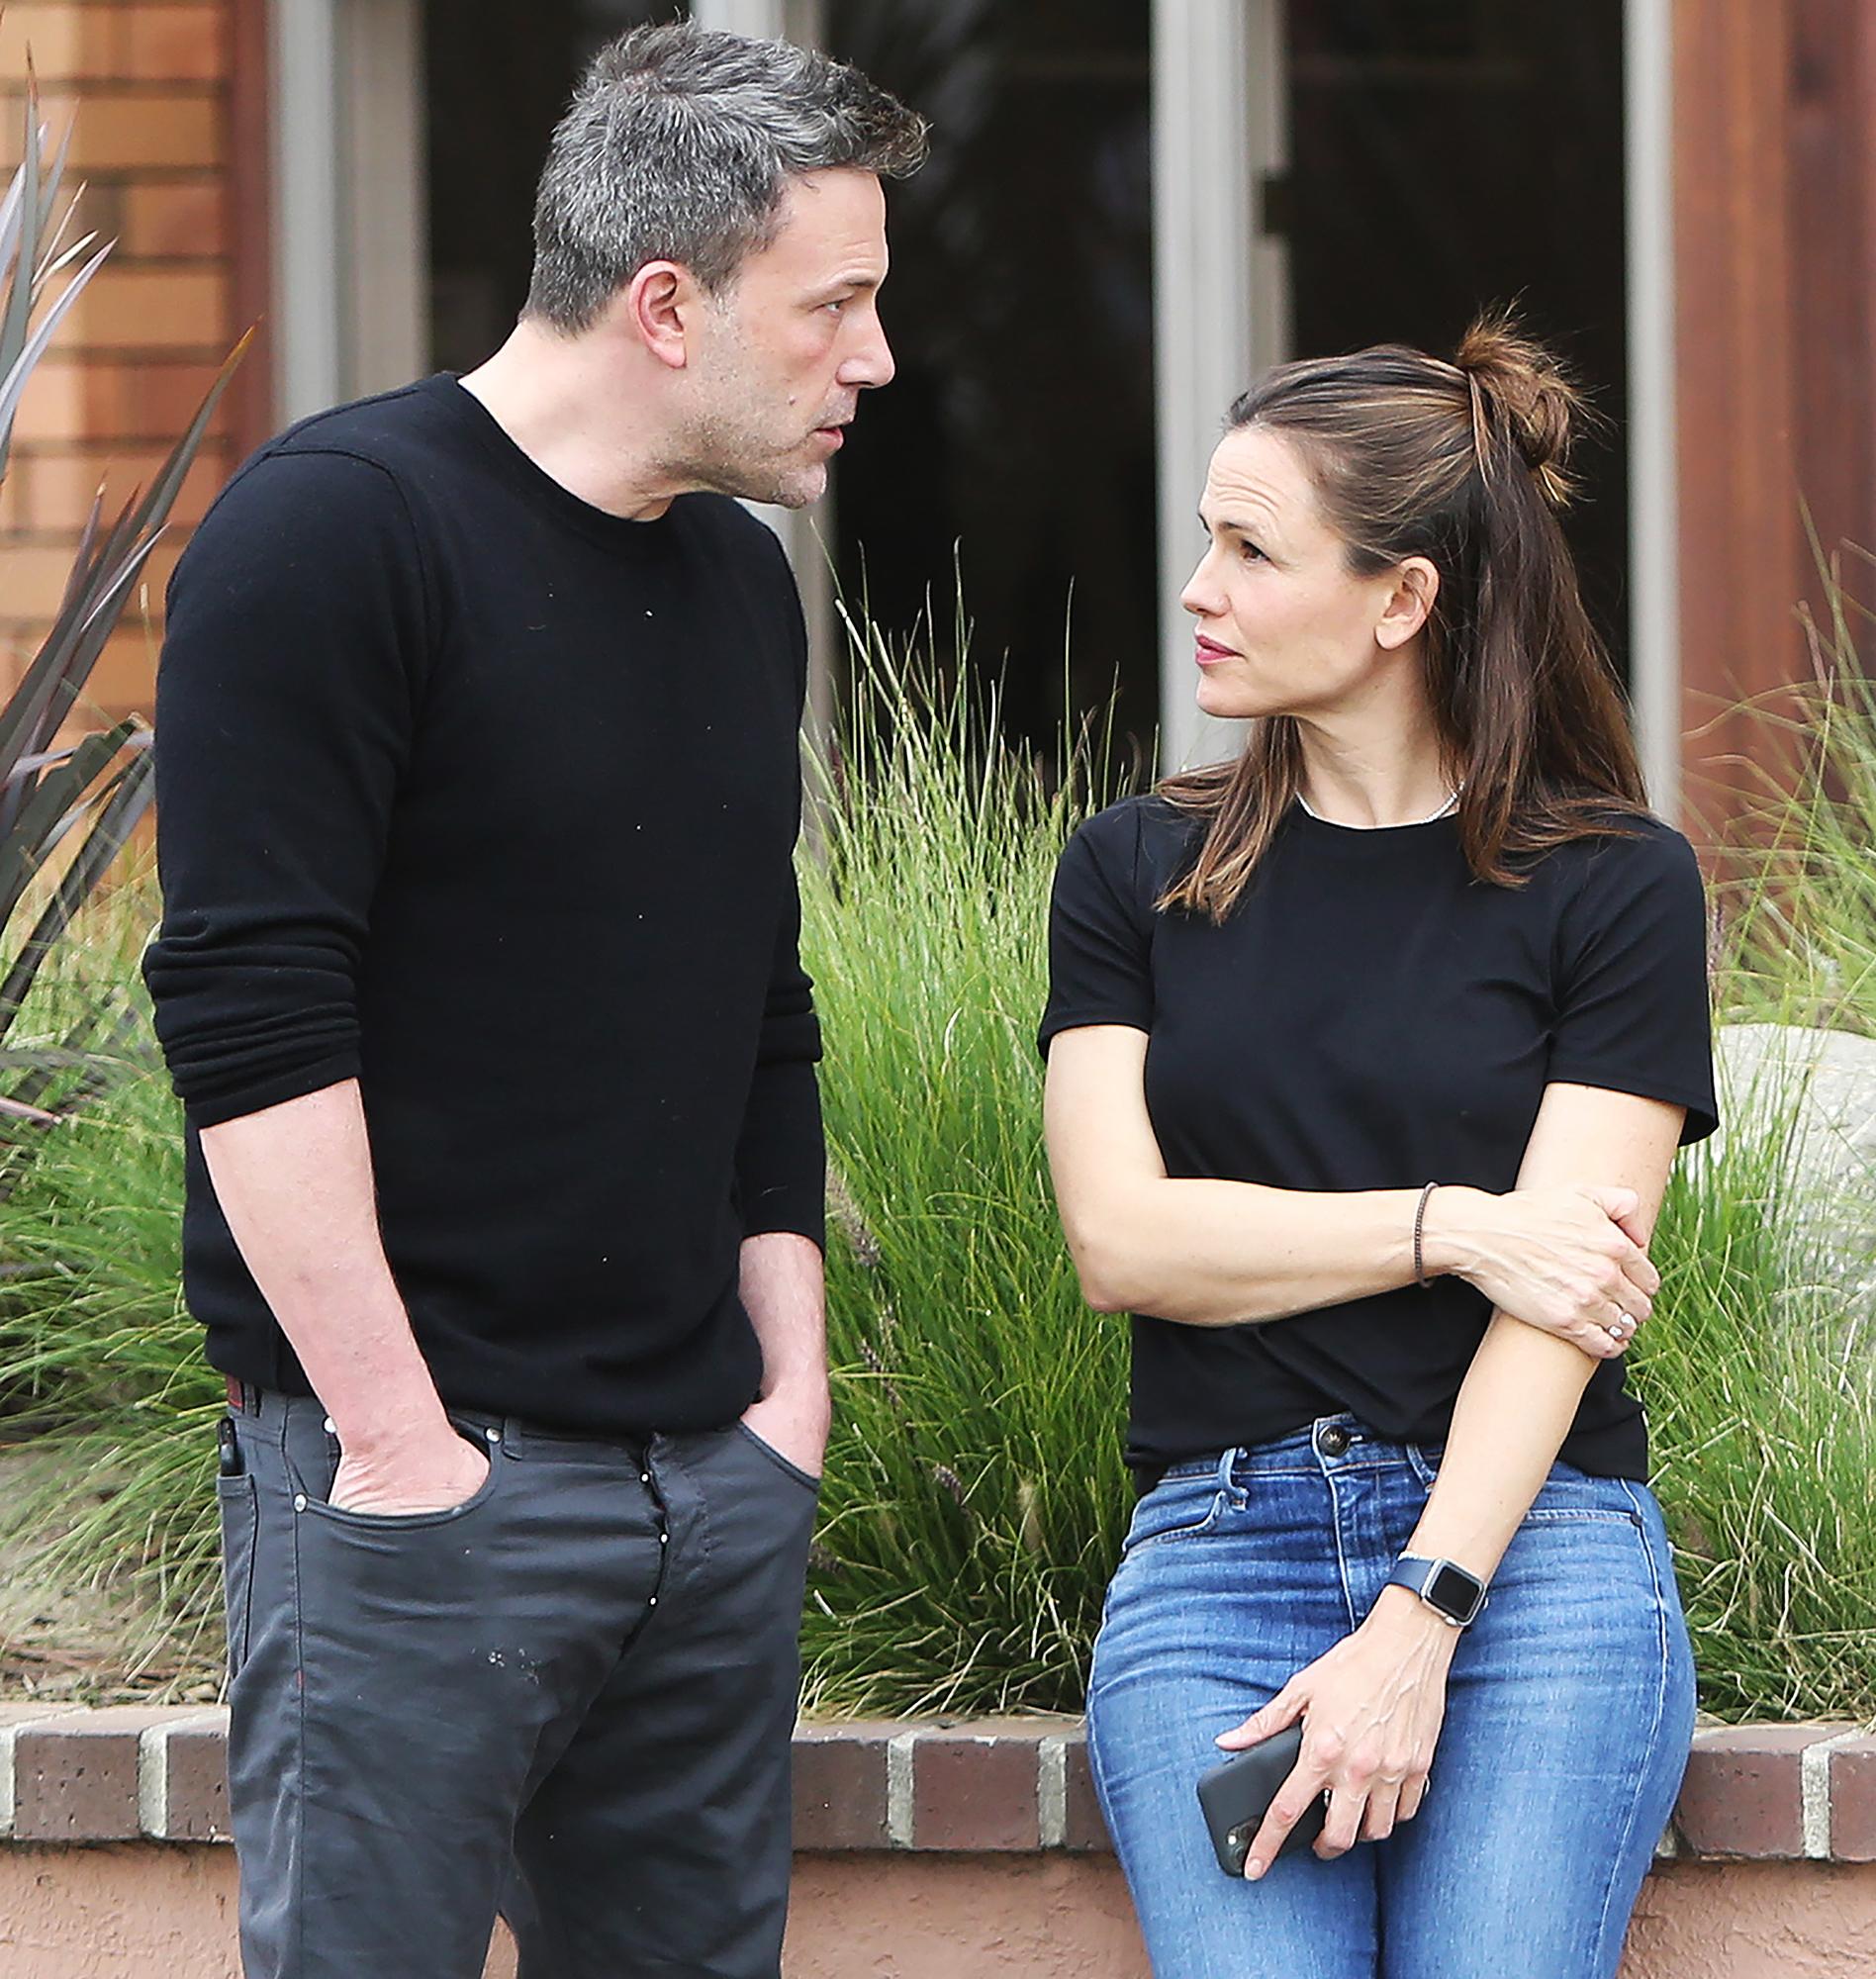 Ben Affleck Seen With Jennifer Garner After Divorce Revelation